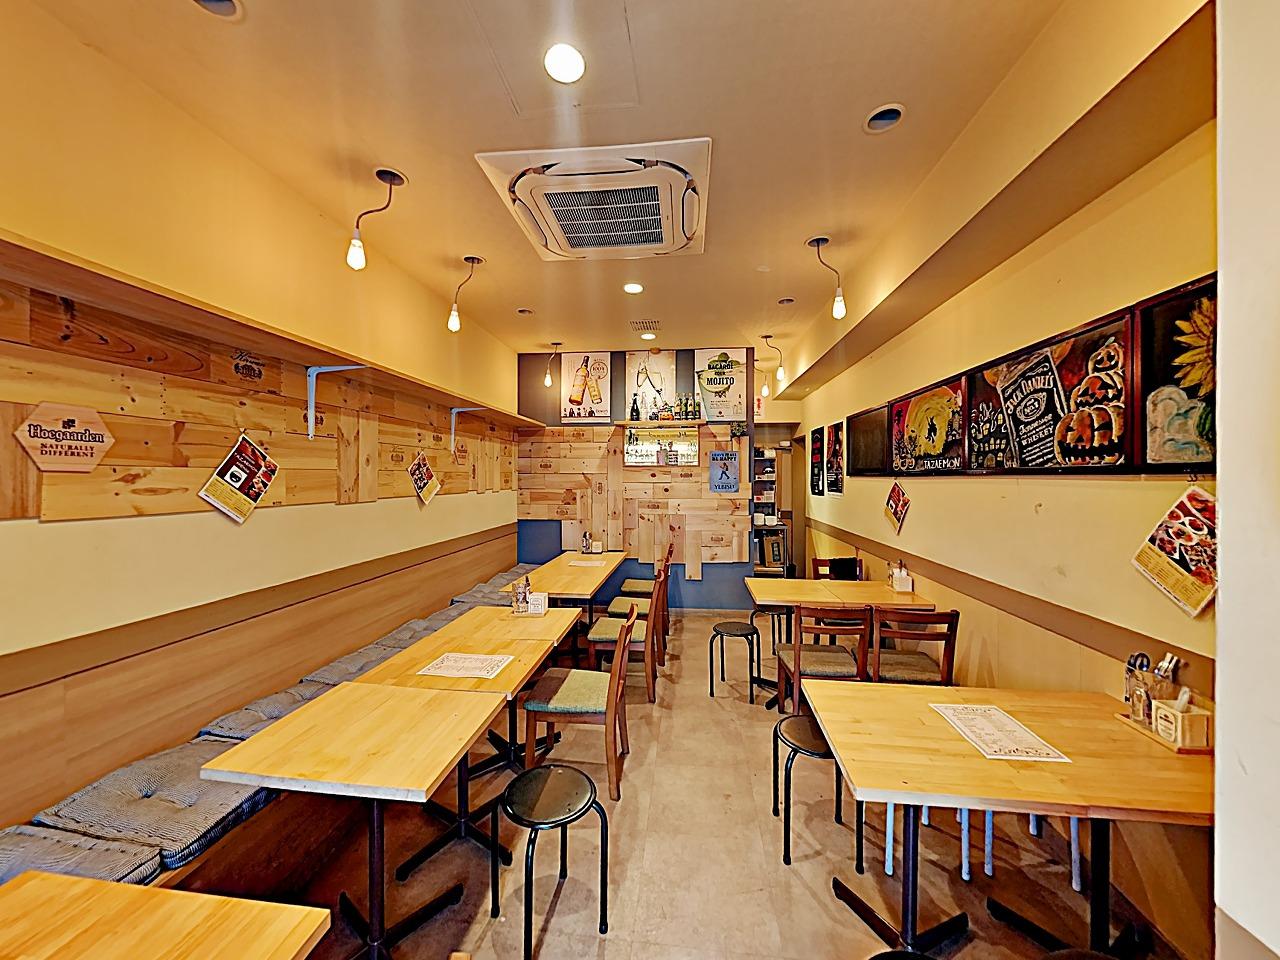 【五反田】沖縄から産地直送の食材を輸入!沖縄料理店の『HanaHana』を8月にオープン!